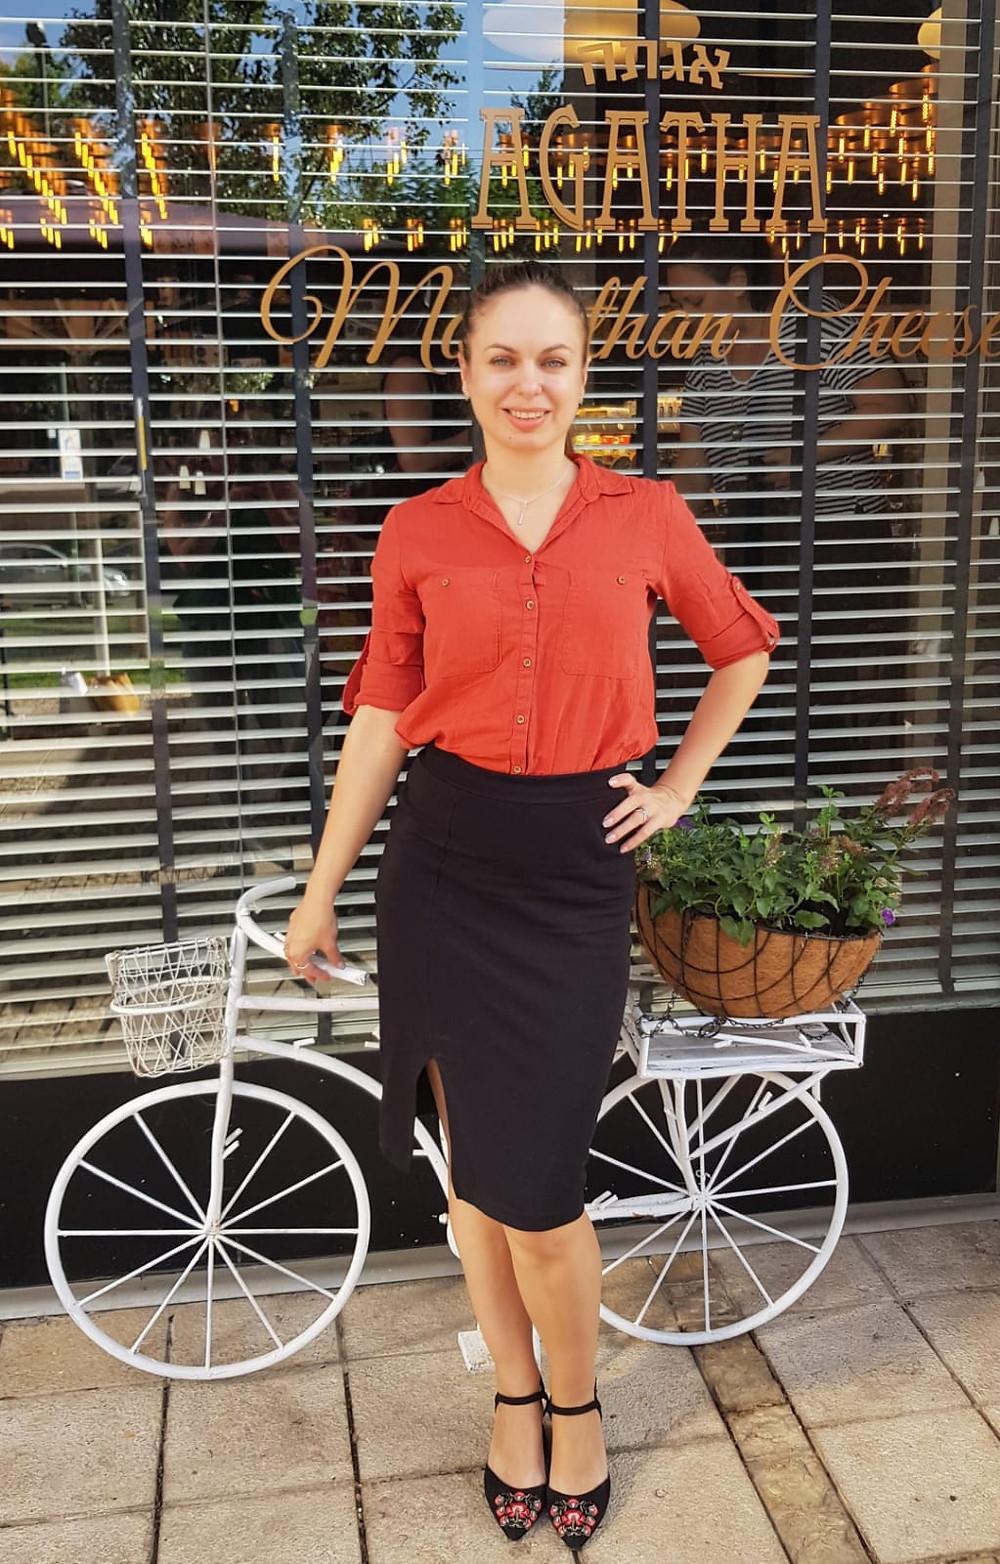 דיאטנית קלינית, אילנה ניקיפורובה